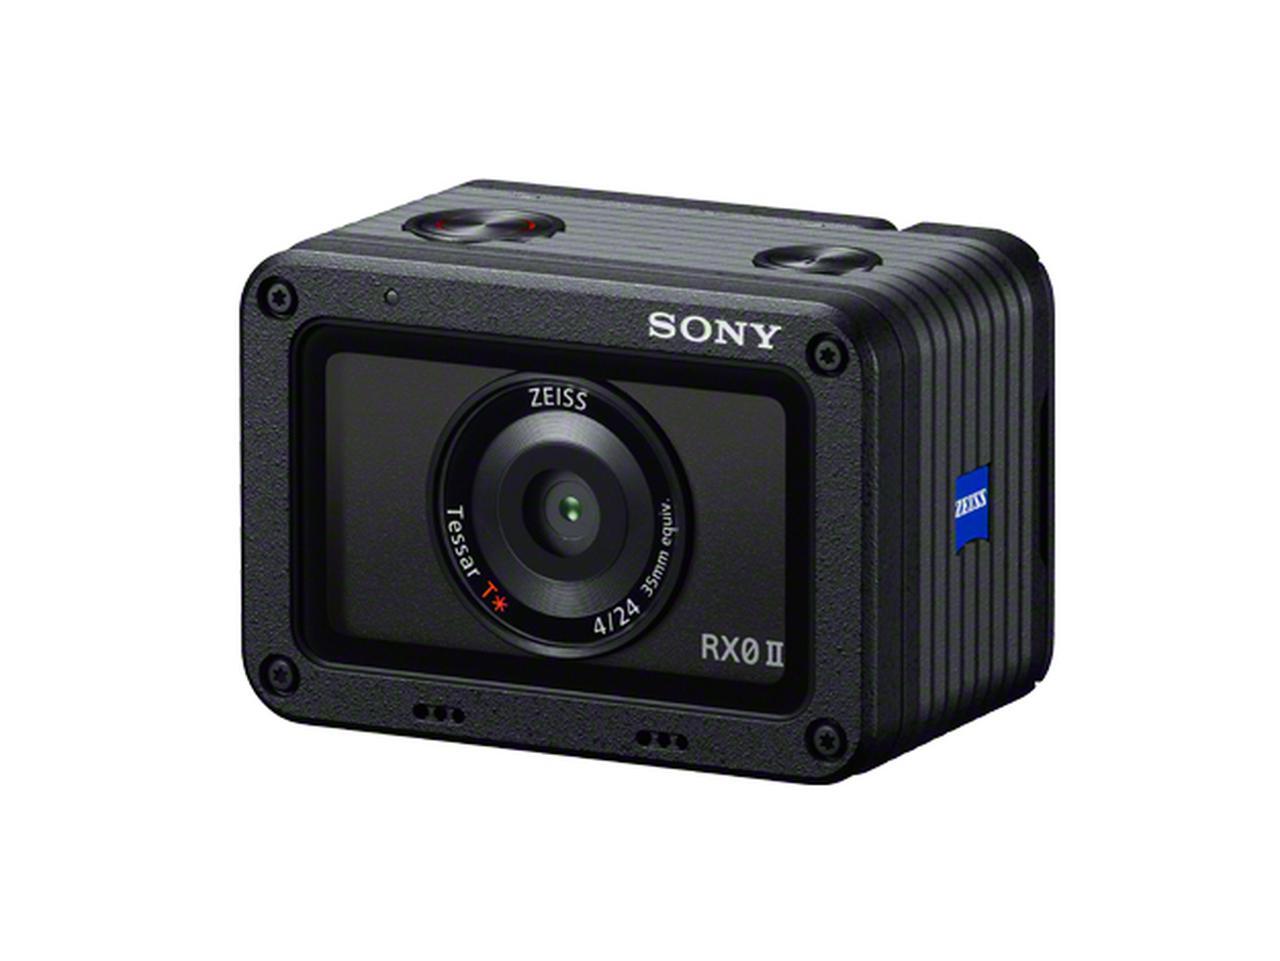 画像: RX0 II(DSC-RX0M2) | デジタルスチルカメラ Cyber-shot サイバーショット | ソニー